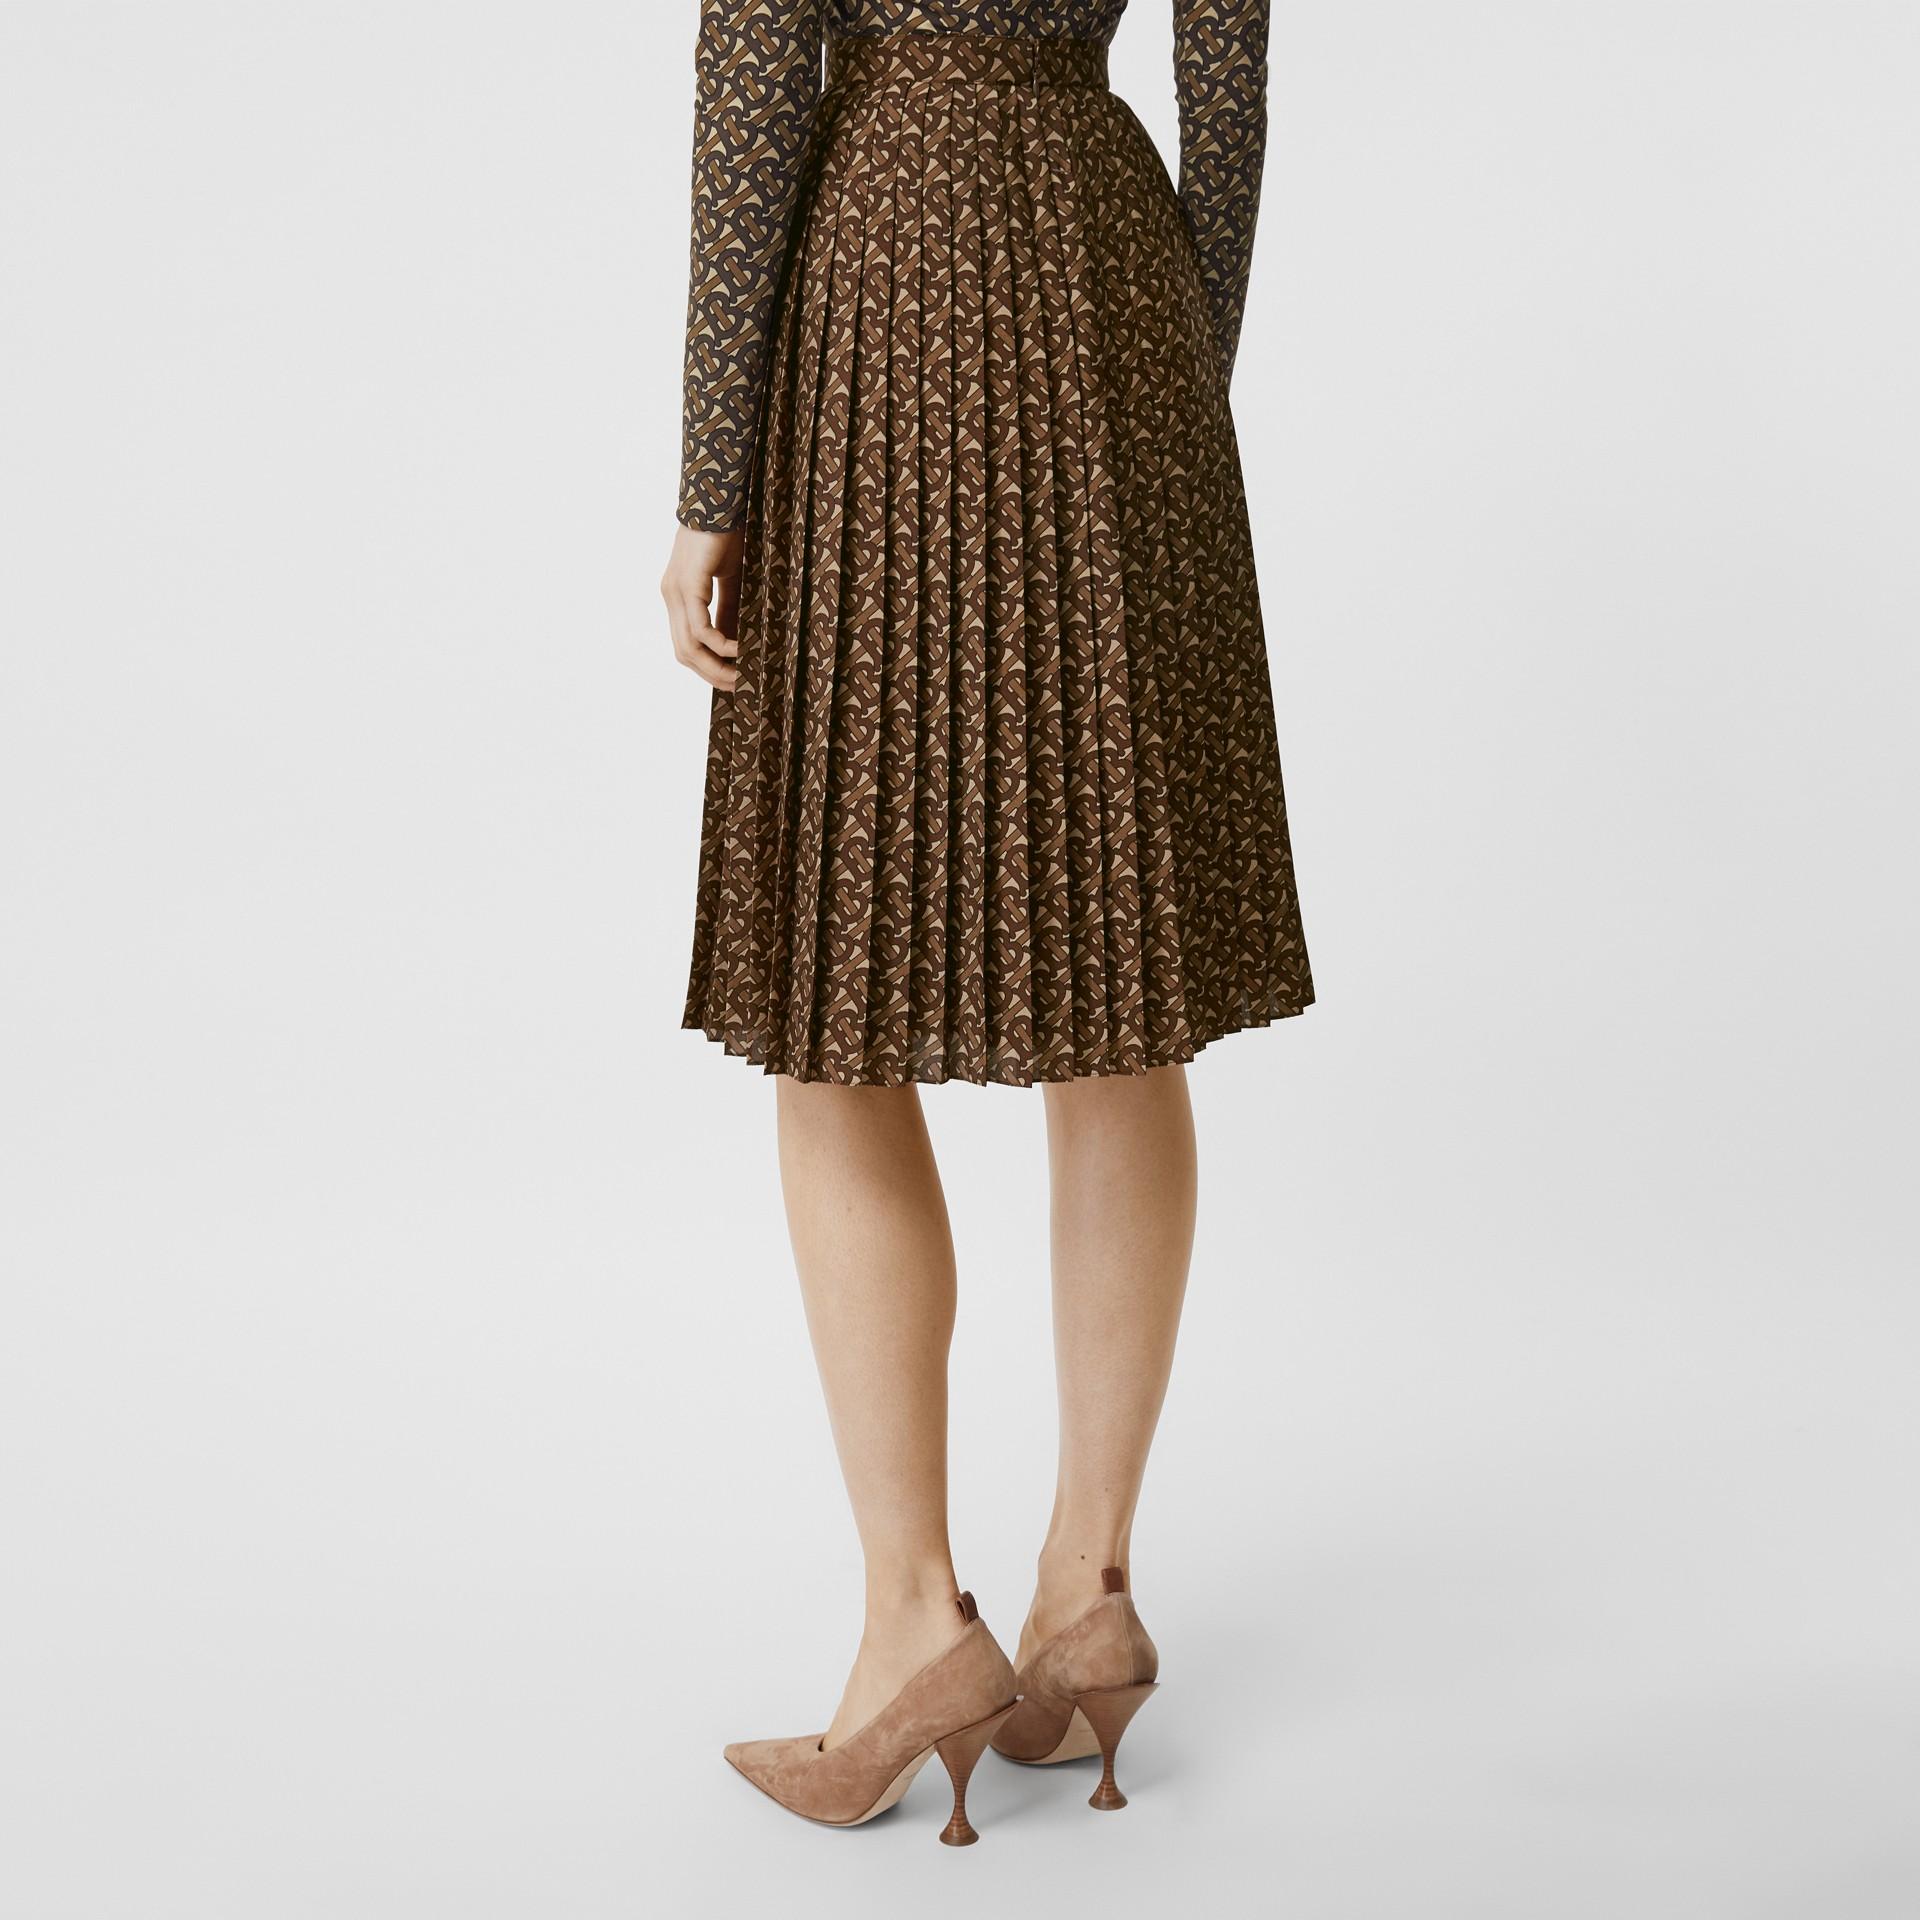 Falda plisada en crepé con estampado de rayas y monogramas (Moca Oscuro) - Mujer | Burberry - imagen de la galería 2